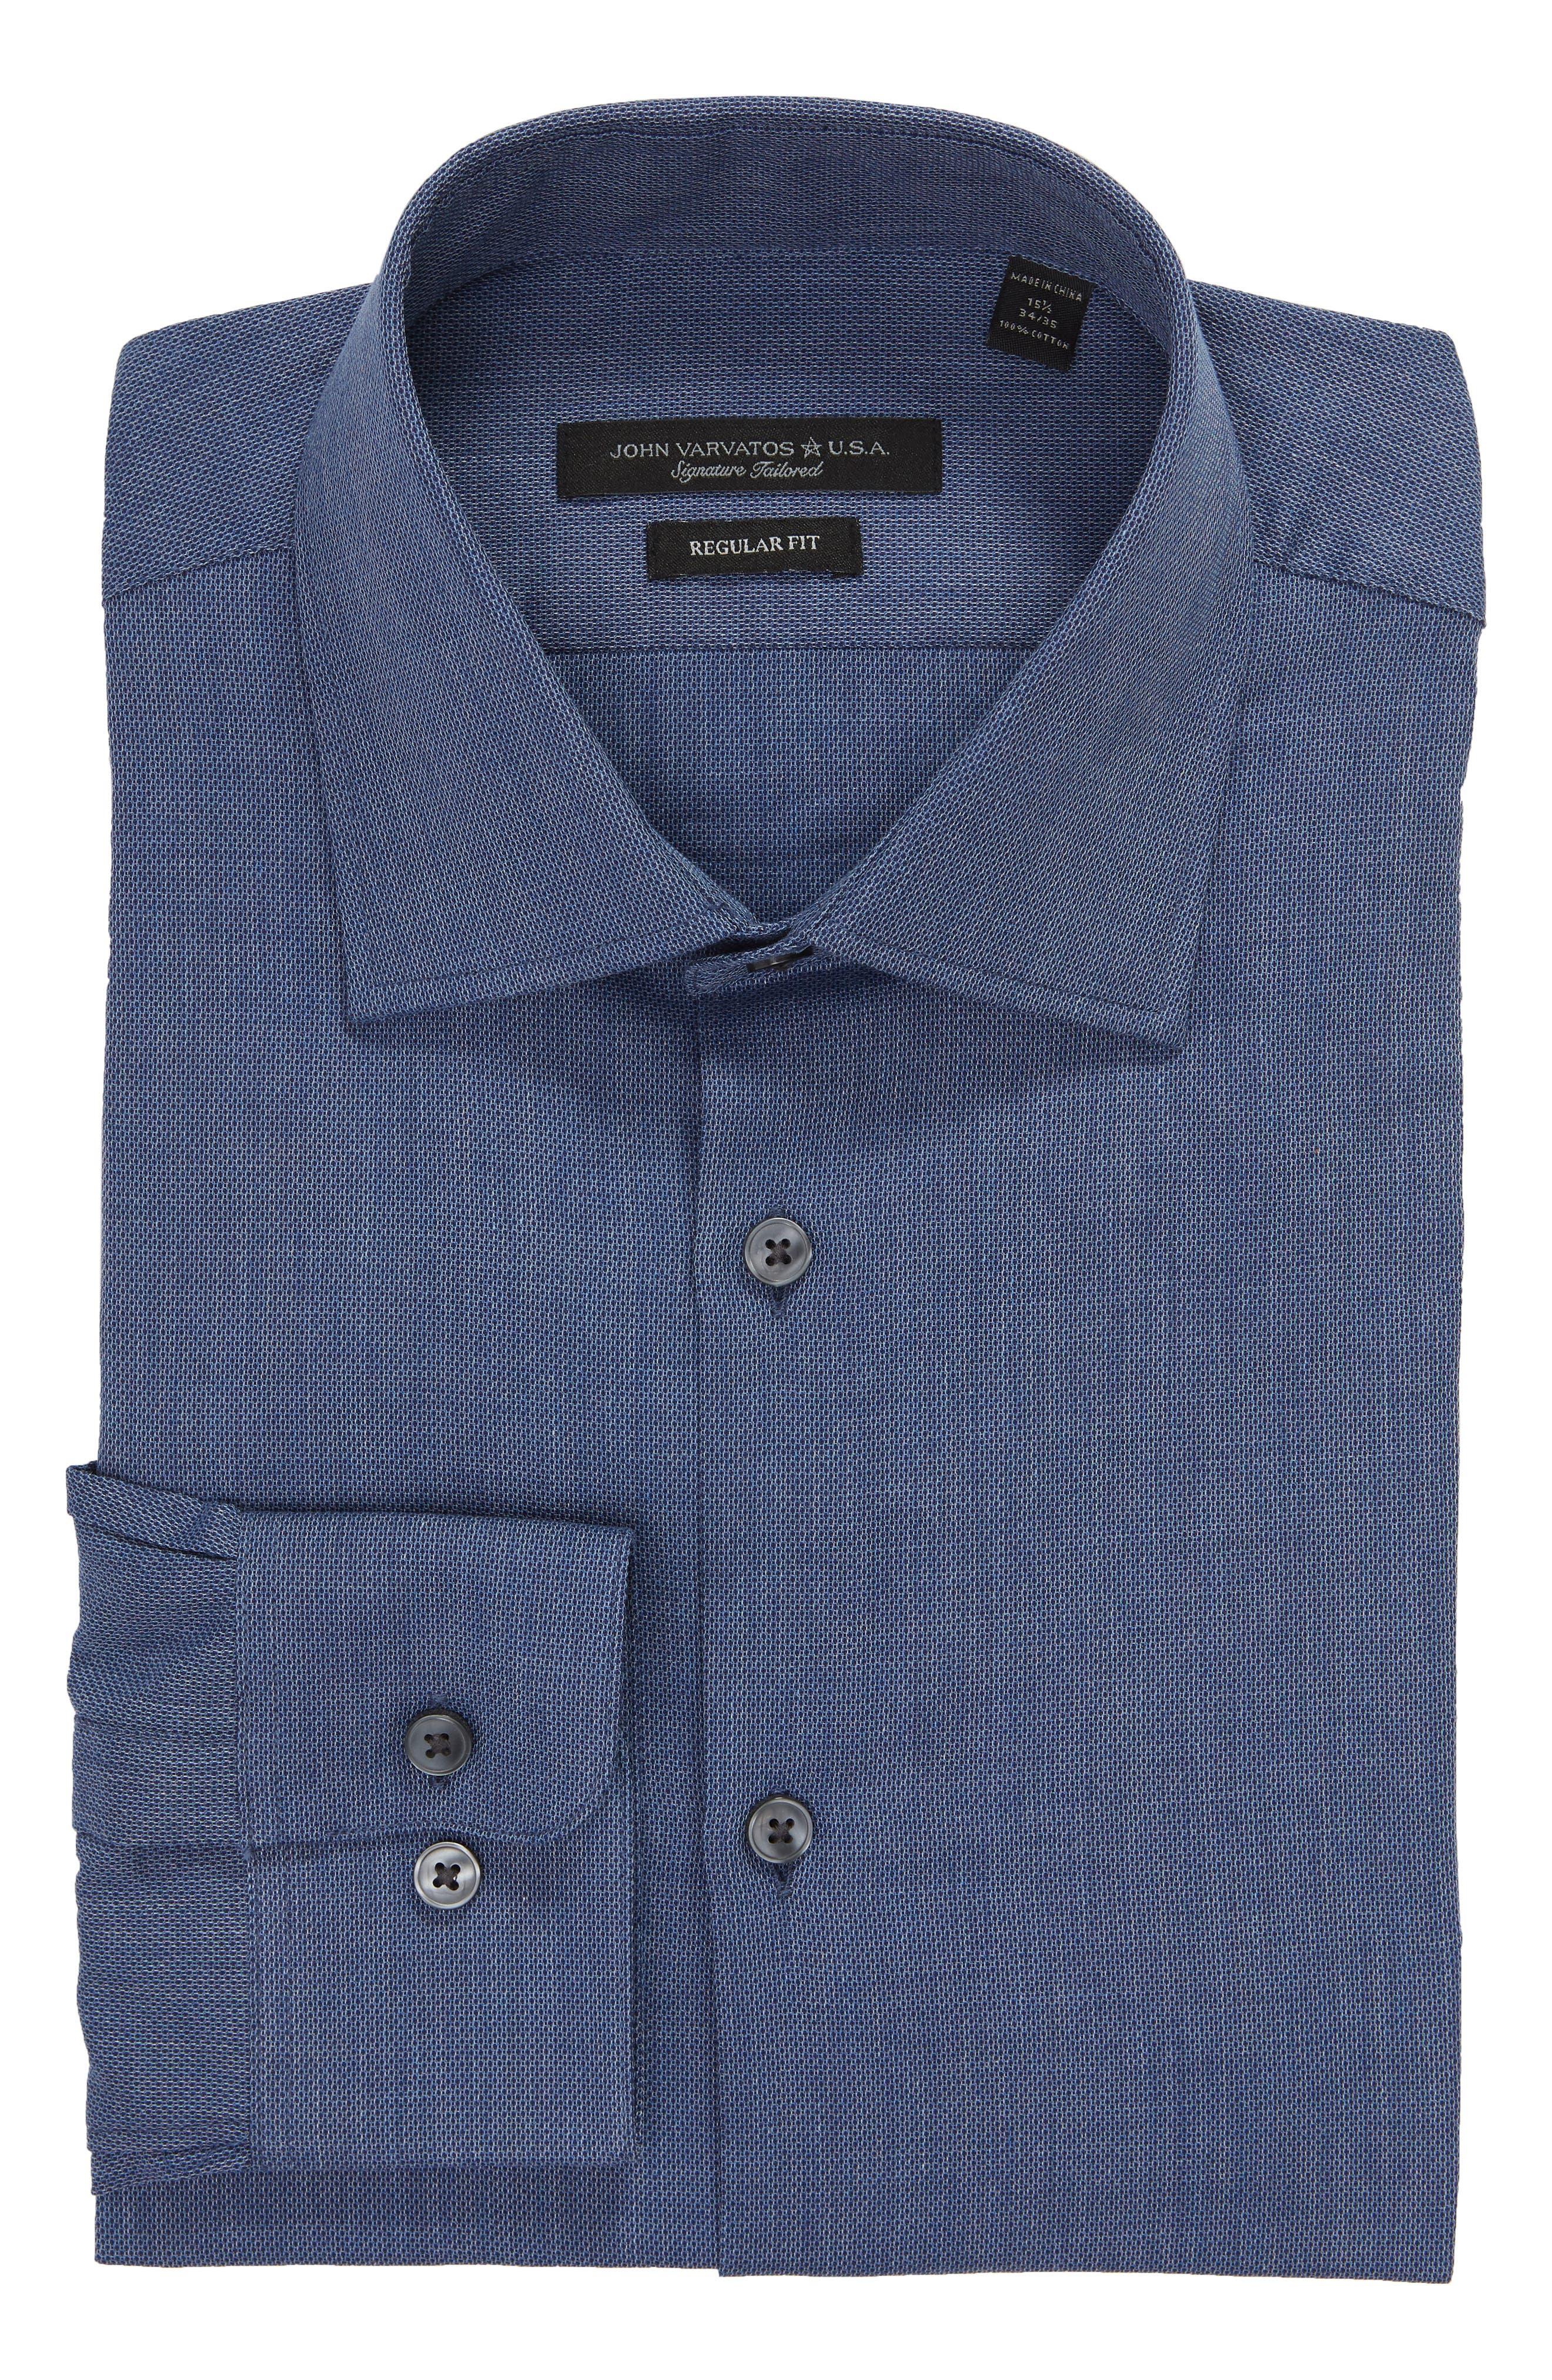 JOHN VARVATOS STAR USA,                             Regular Fit Solid Dress Shirt,                             Alternate thumbnail 5, color,                             415